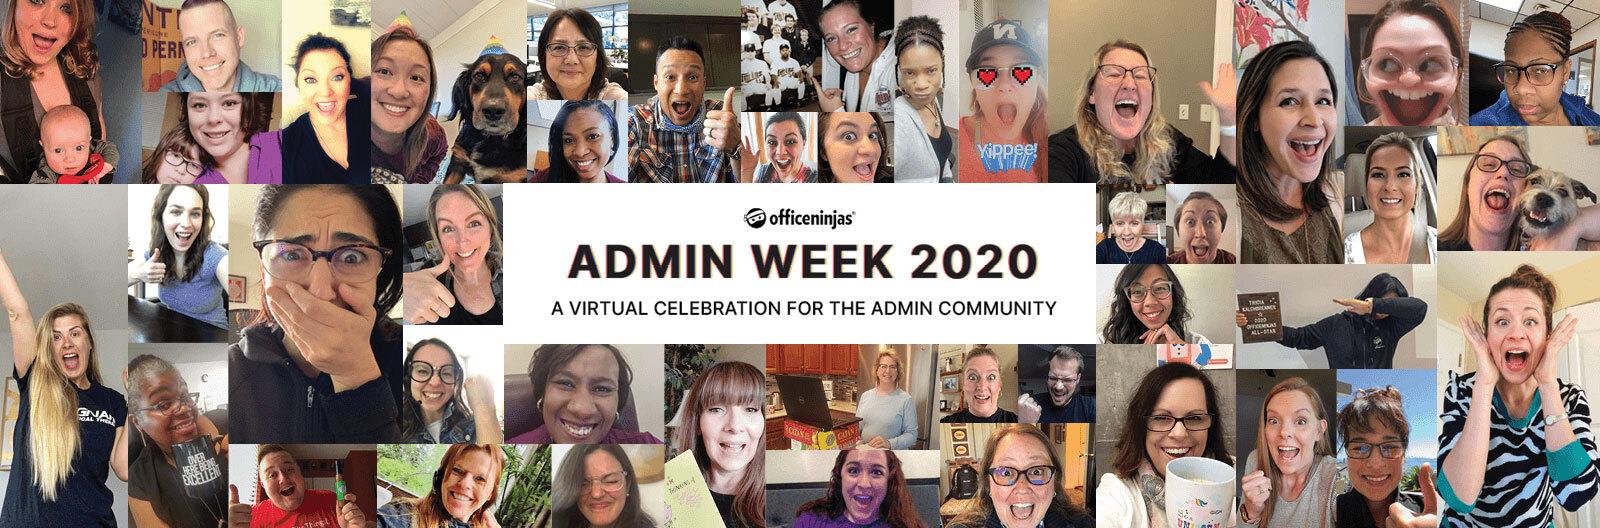 Admin Week 2020